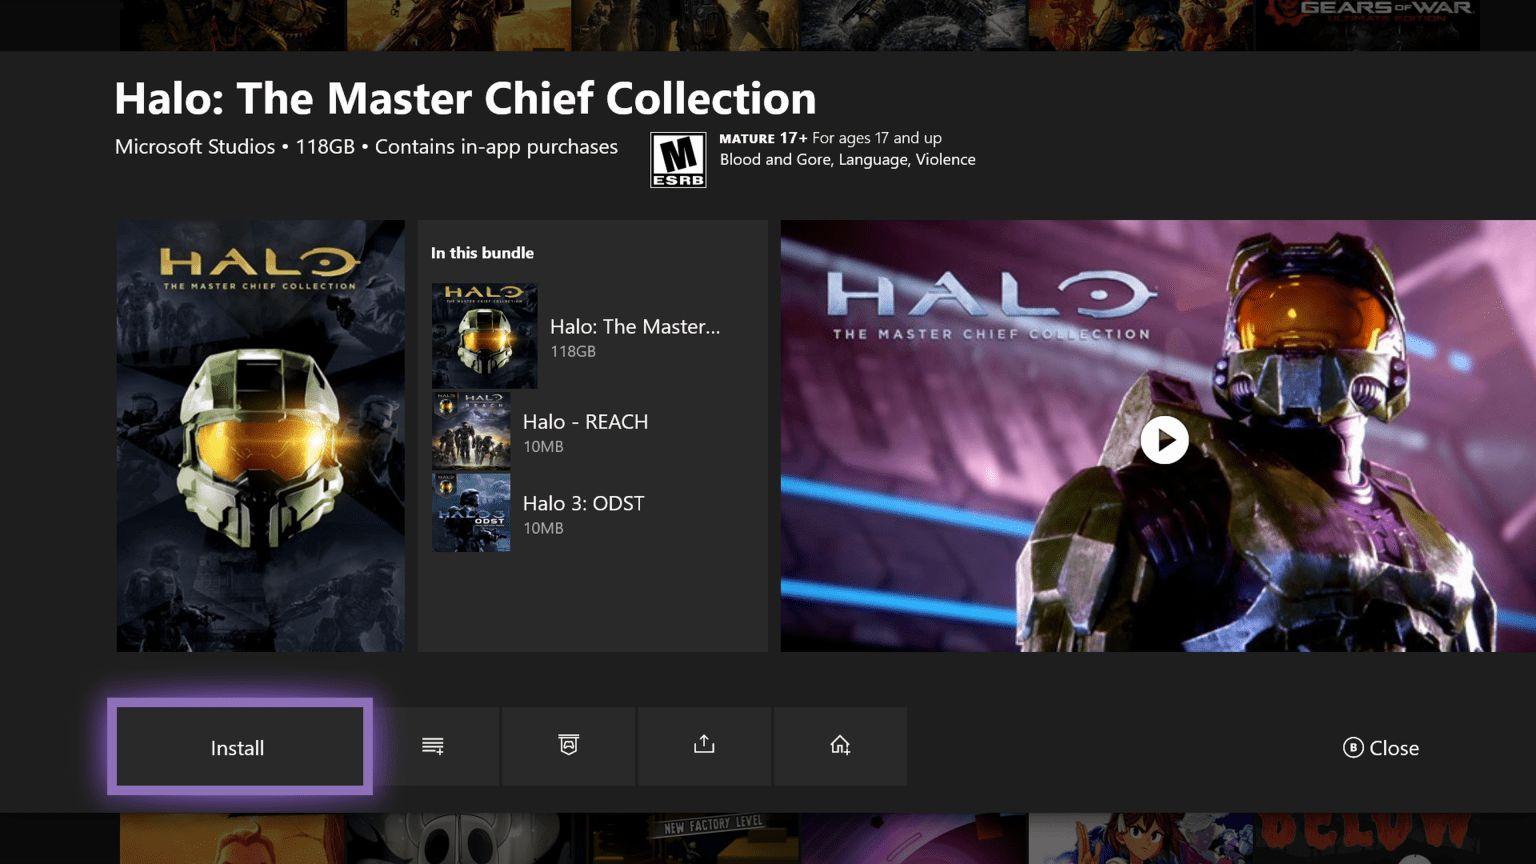 Halo MMC en la nueva tarjeta capturas de mis juegos y aplicaciones de la actualización de Insider de XBox One